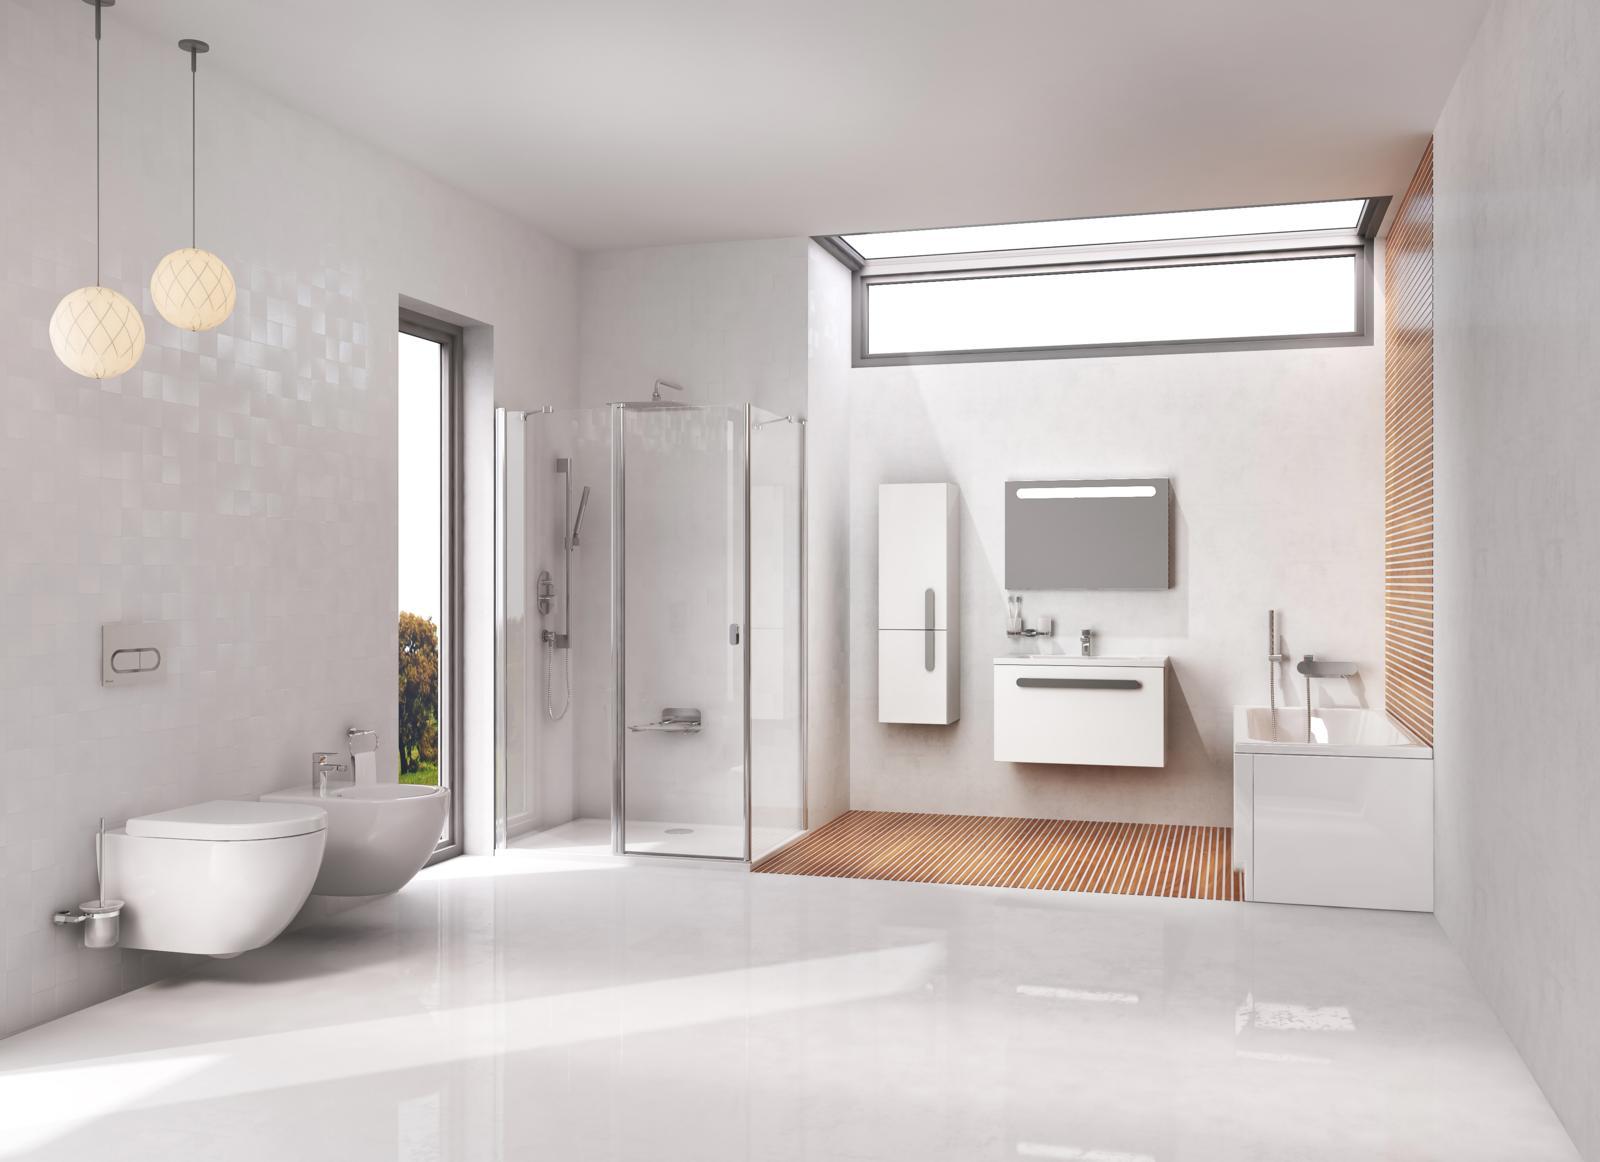 A tiszta fürdőszoba kulcsa a jól megválasztott tisztítószer, amely kíméletesen tisztítja a szaniterek felületeit.